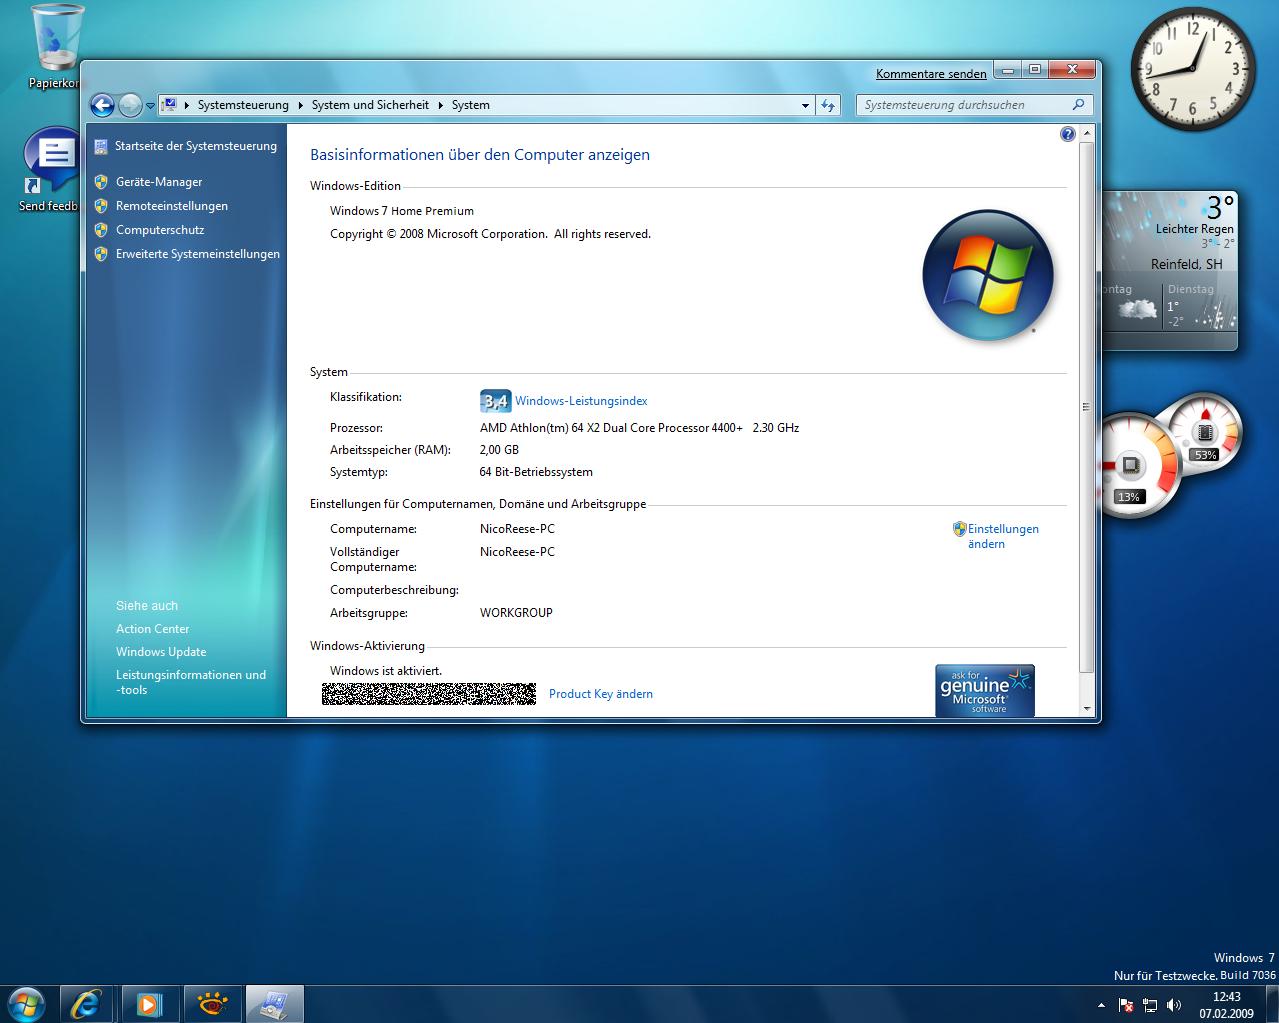 como descargar windows 7 home premium gratis